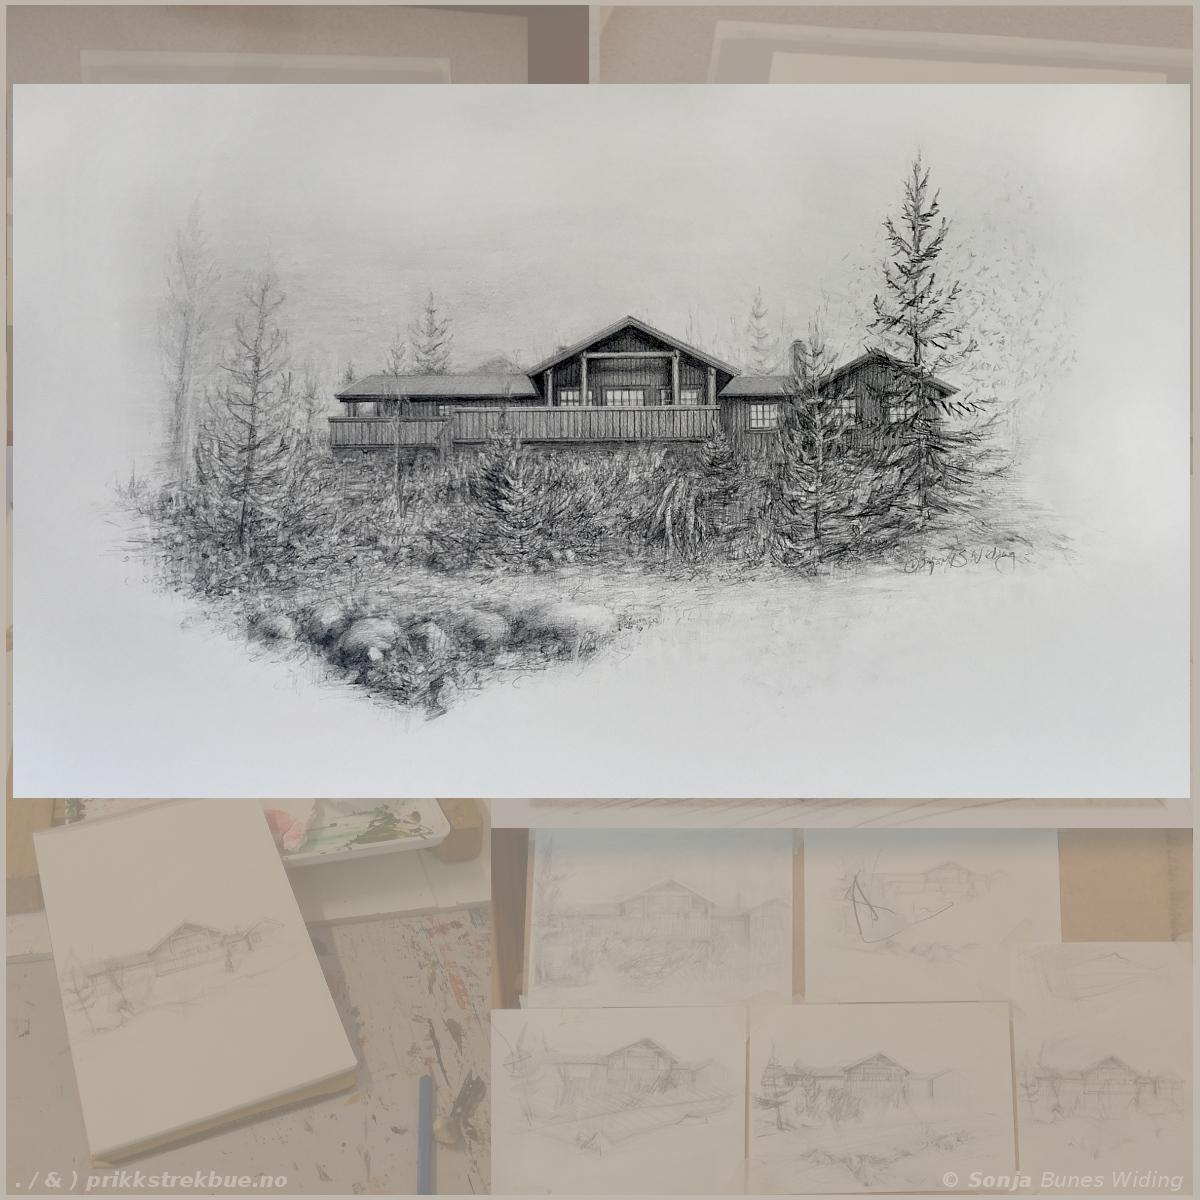 Portrett av en hytte. Blyanttegning 2018. Sonja Bunes